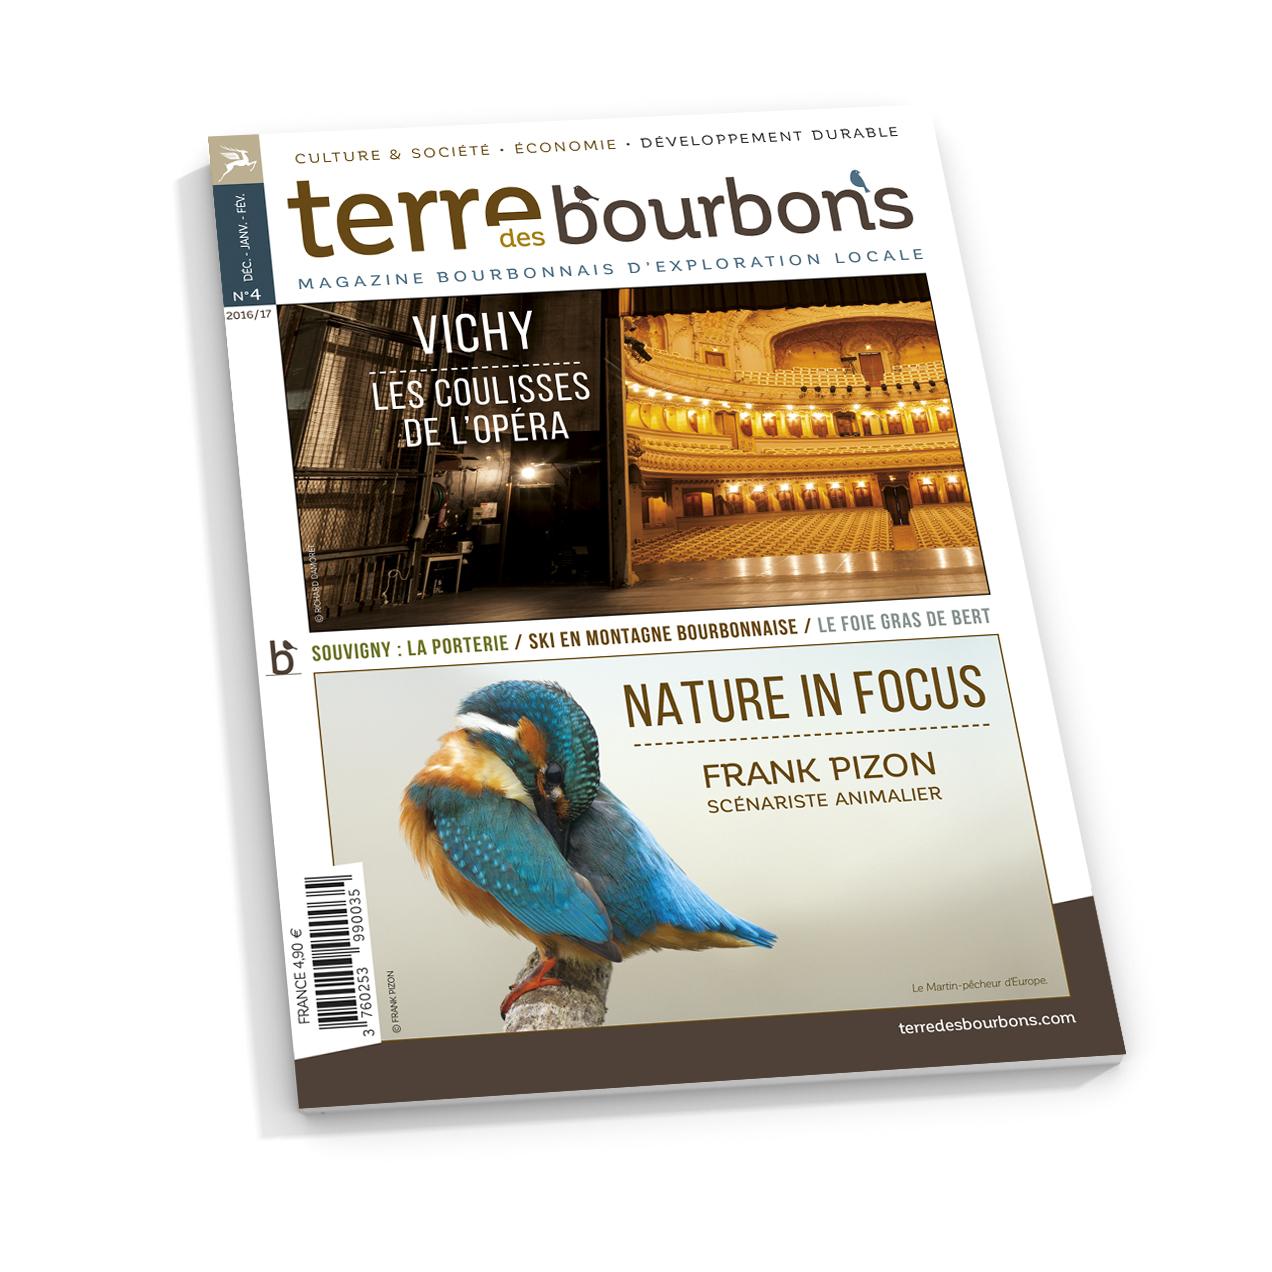 Terre des bourbons magazine numéro 4 magazine d'exploration locale culture société région exploration